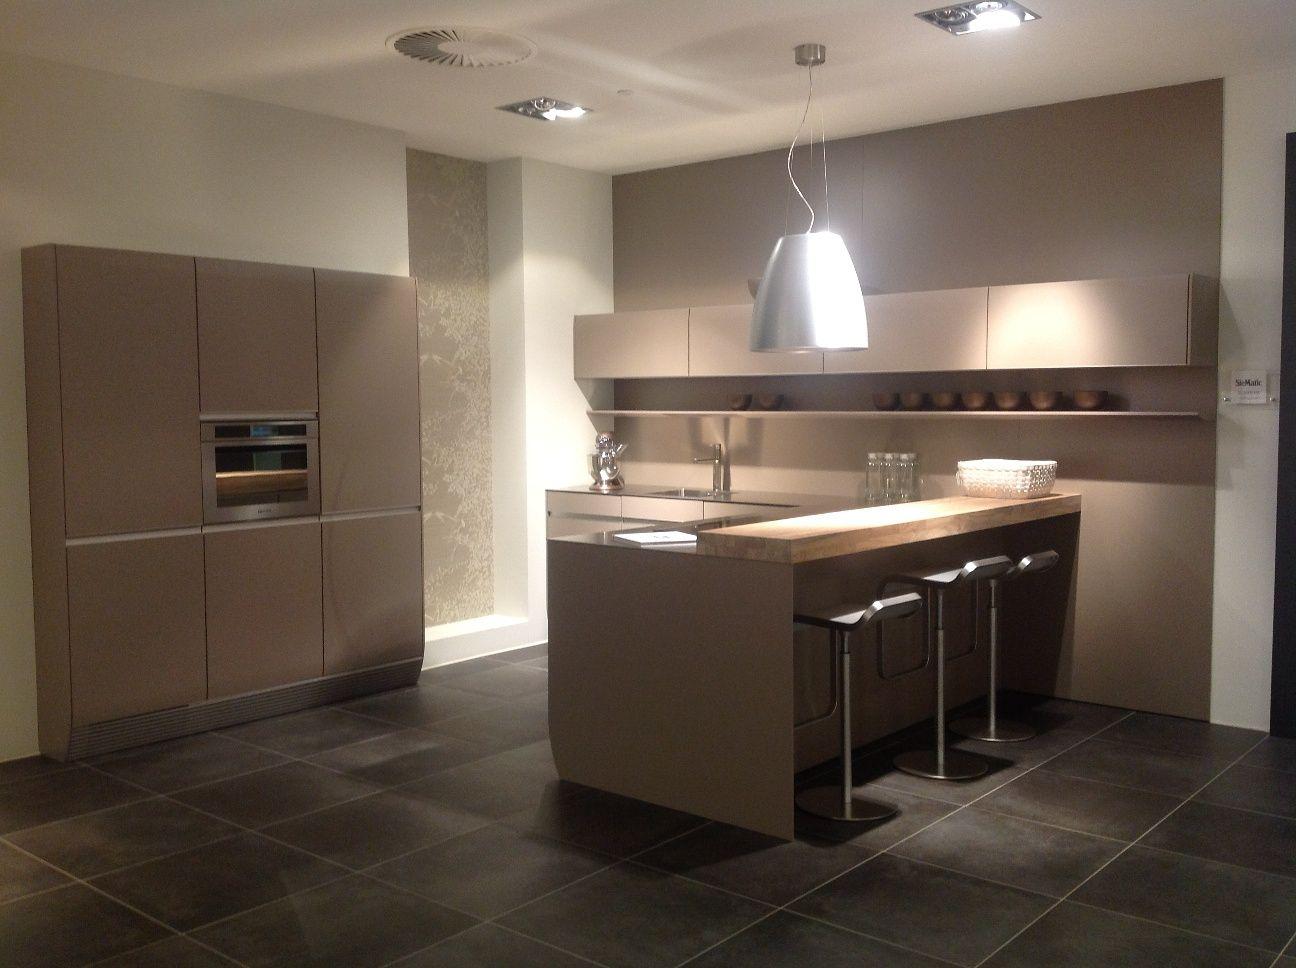 allergrootste keukensite van nederland siematic luxe designkeuken greeploos. Black Bedroom Furniture Sets. Home Design Ideas